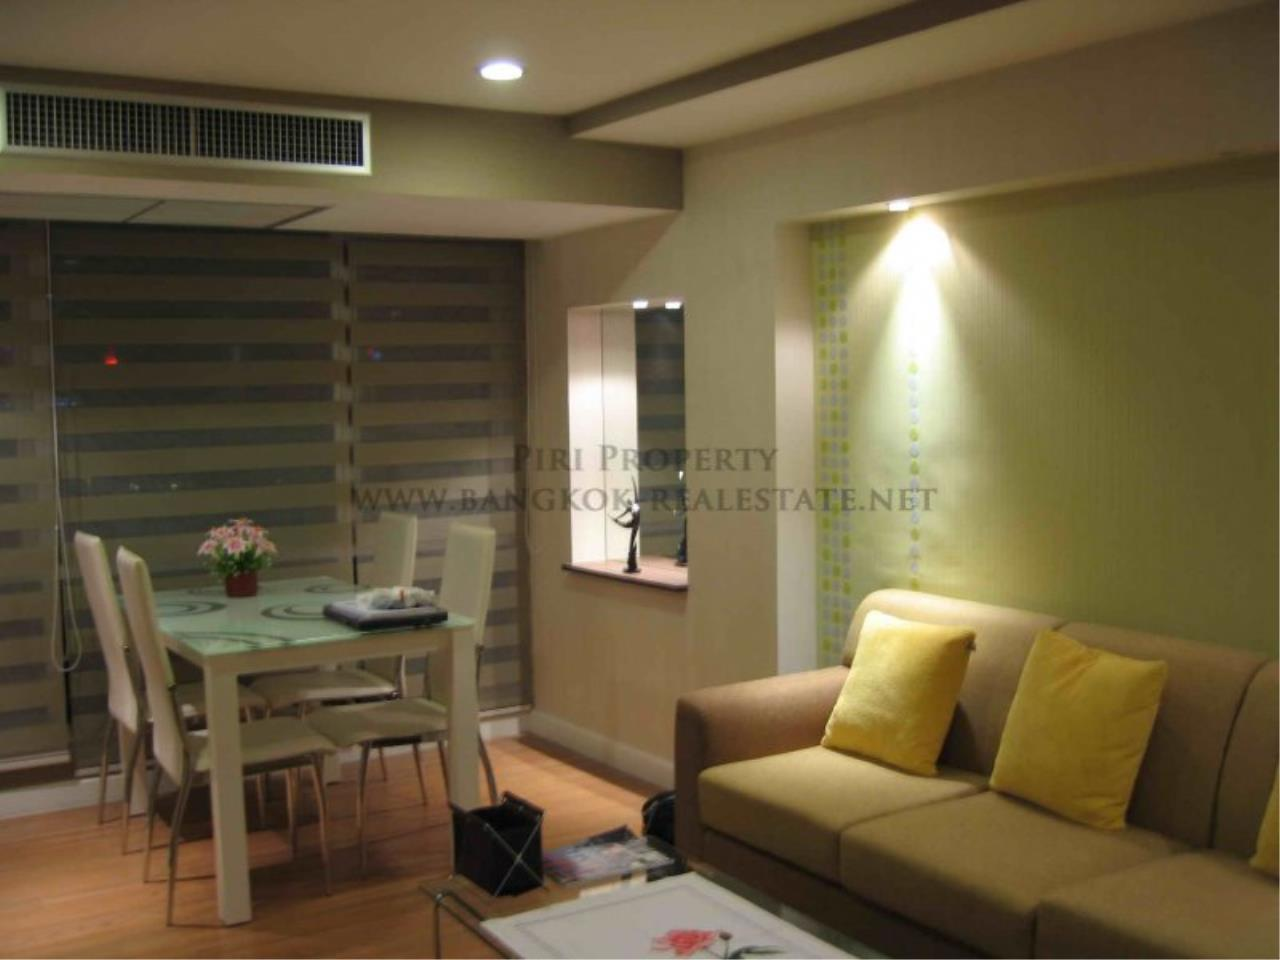 Piri Property Agency's Trendy Condominium in Nana for Sale - 2 Bedroom Condo 1